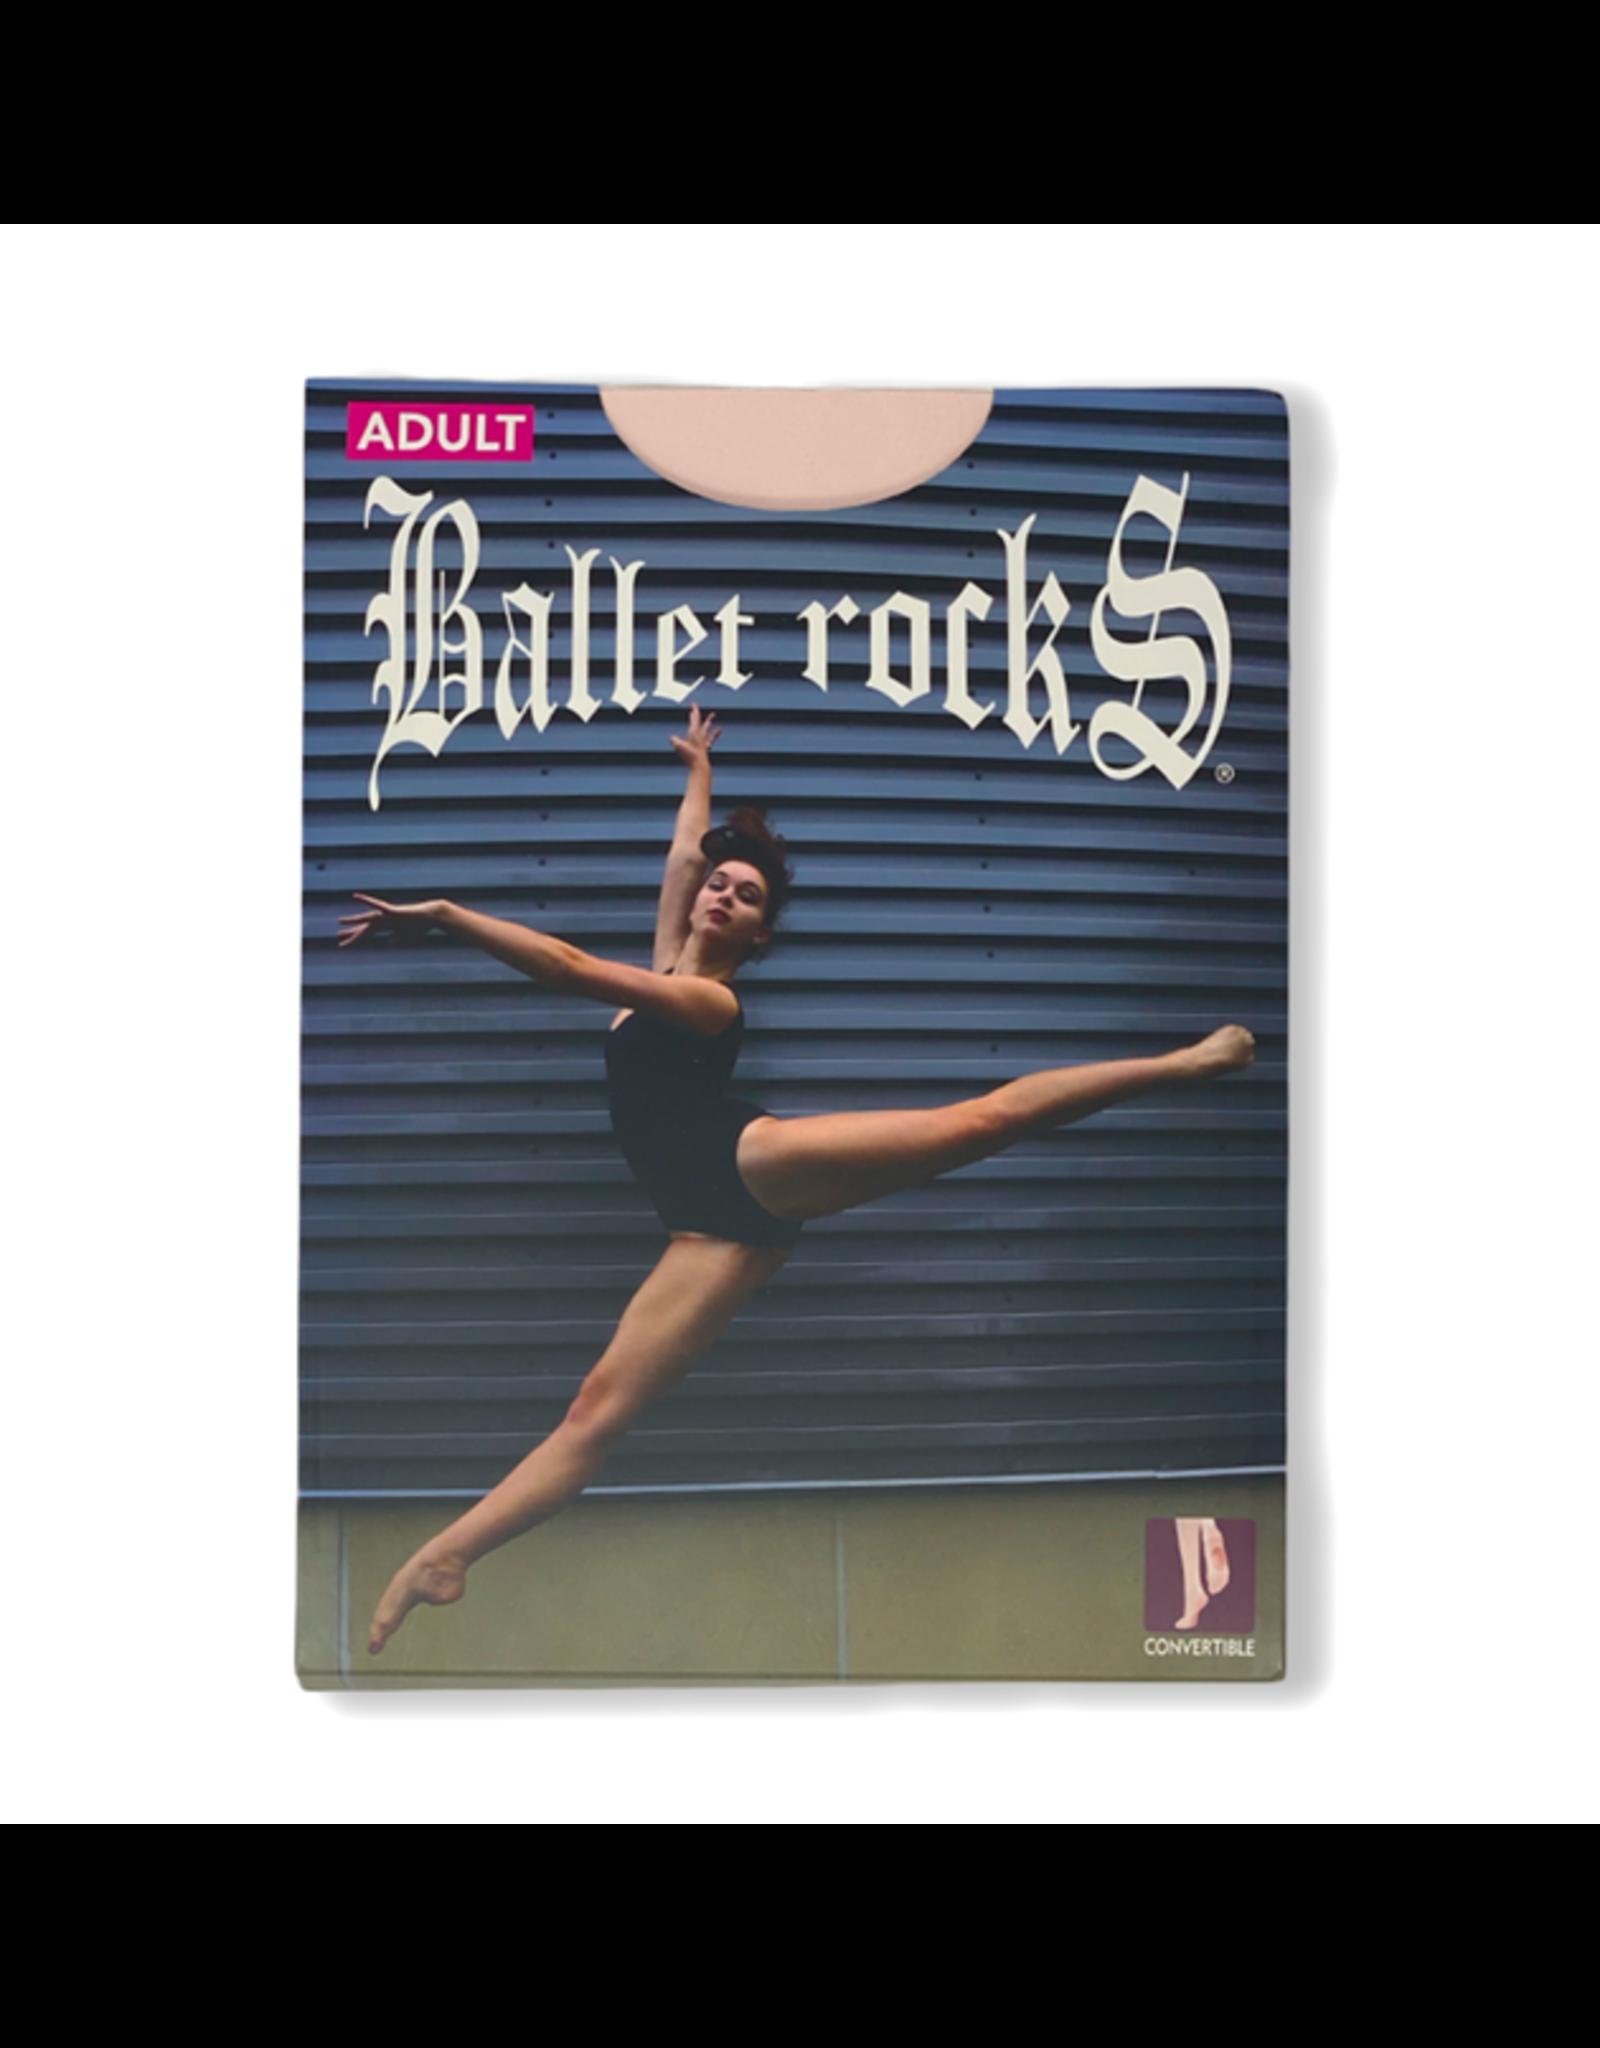 Ballet Rocks tights